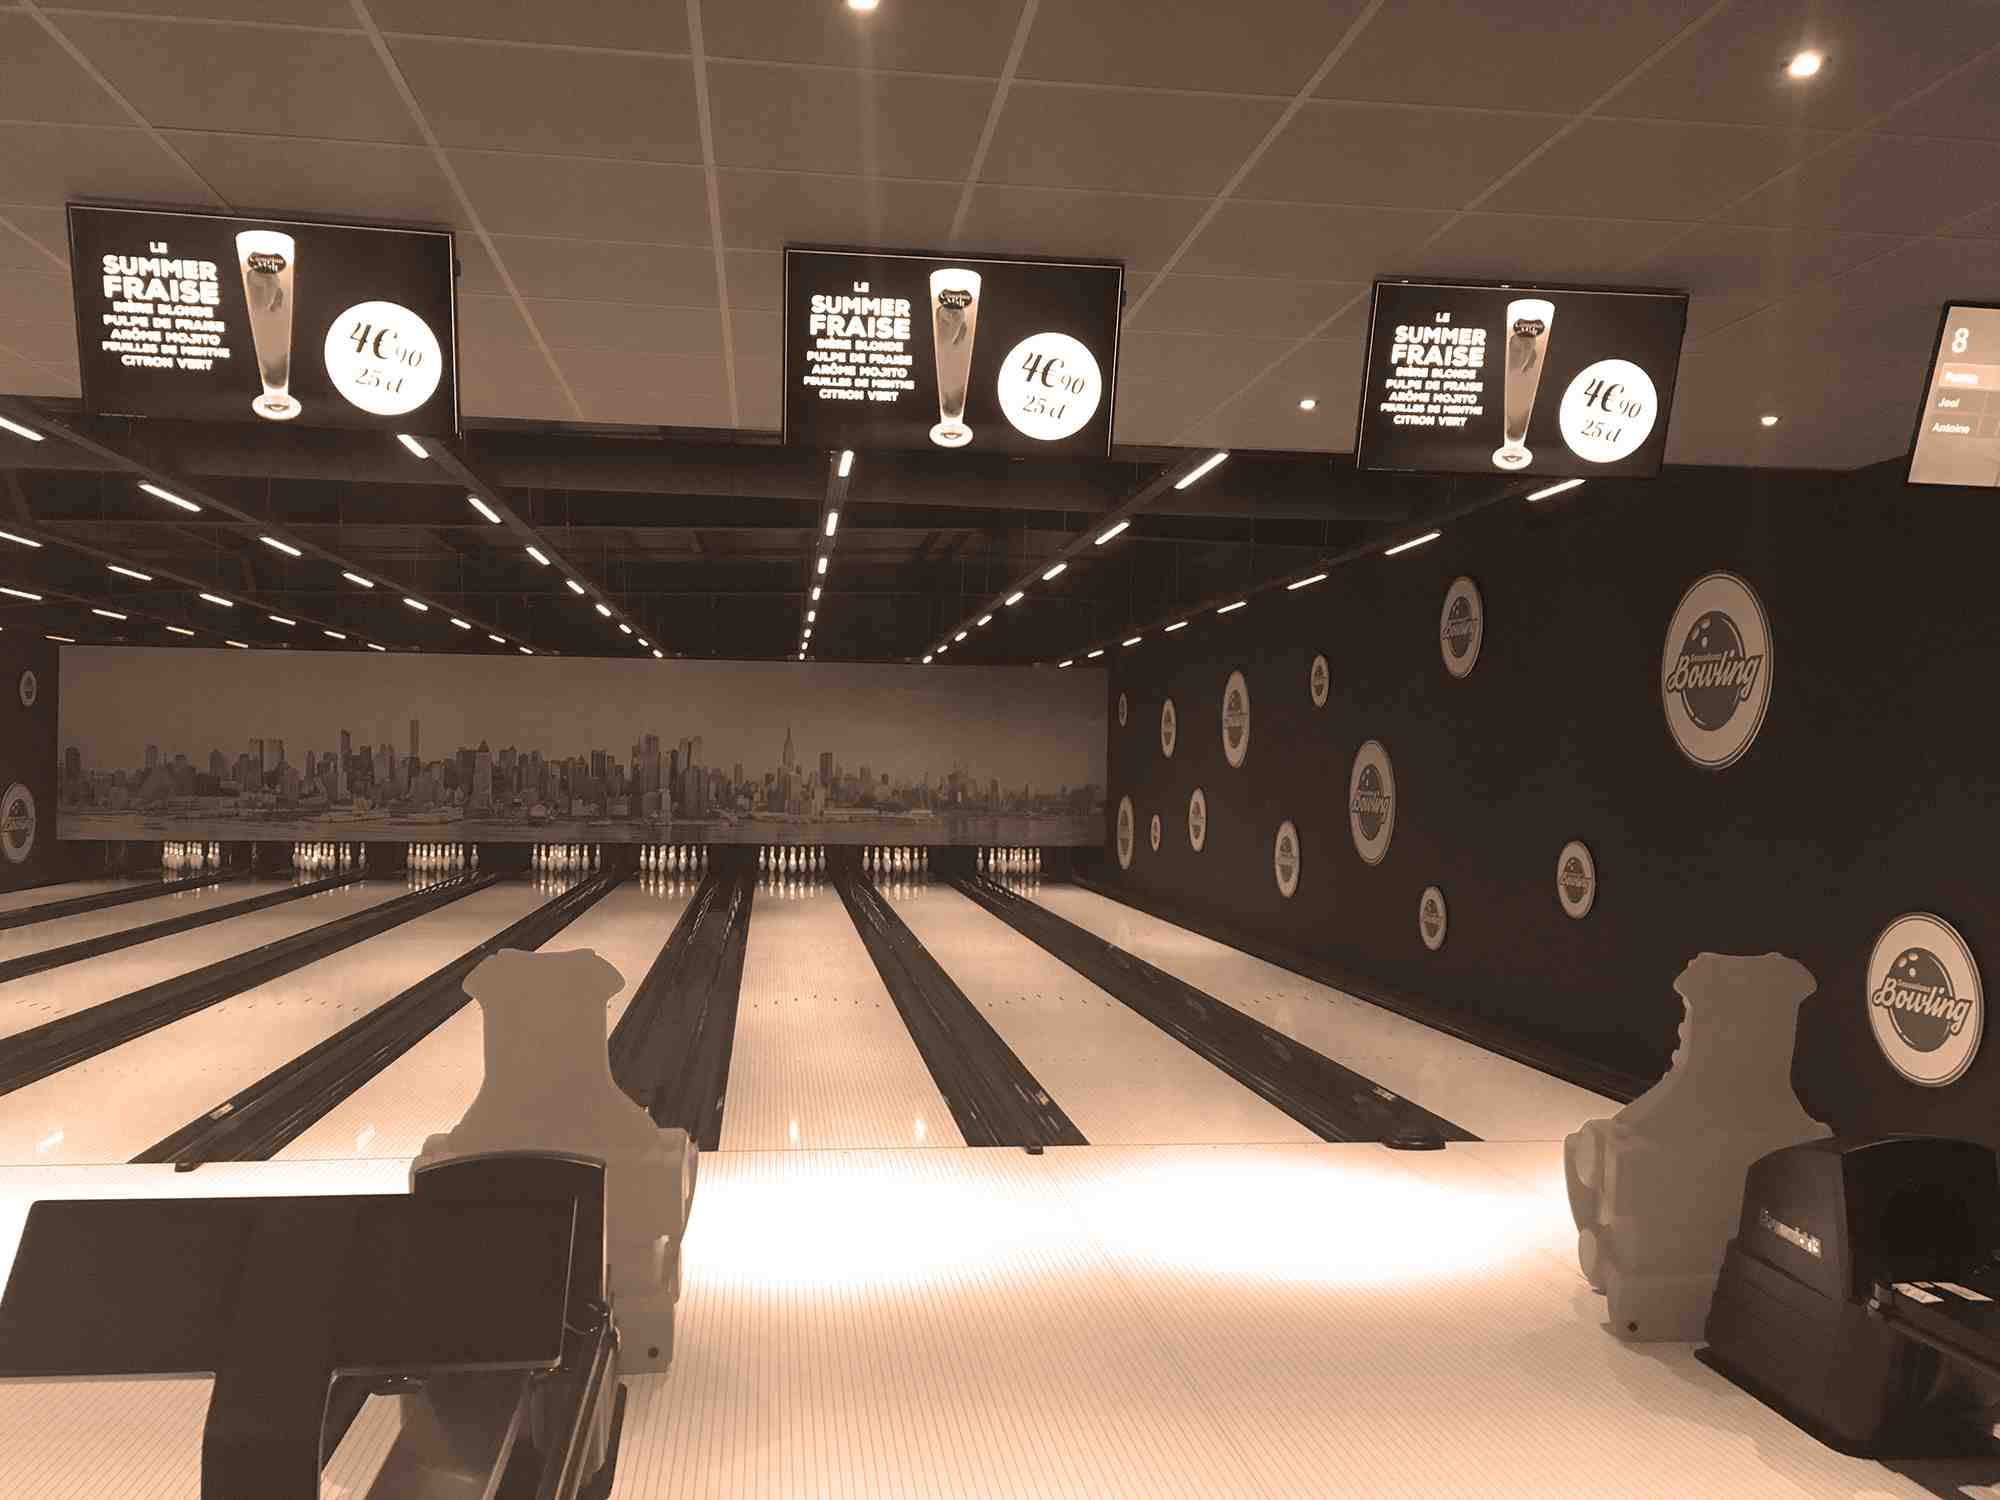 Comment mieux jouer au bowling?